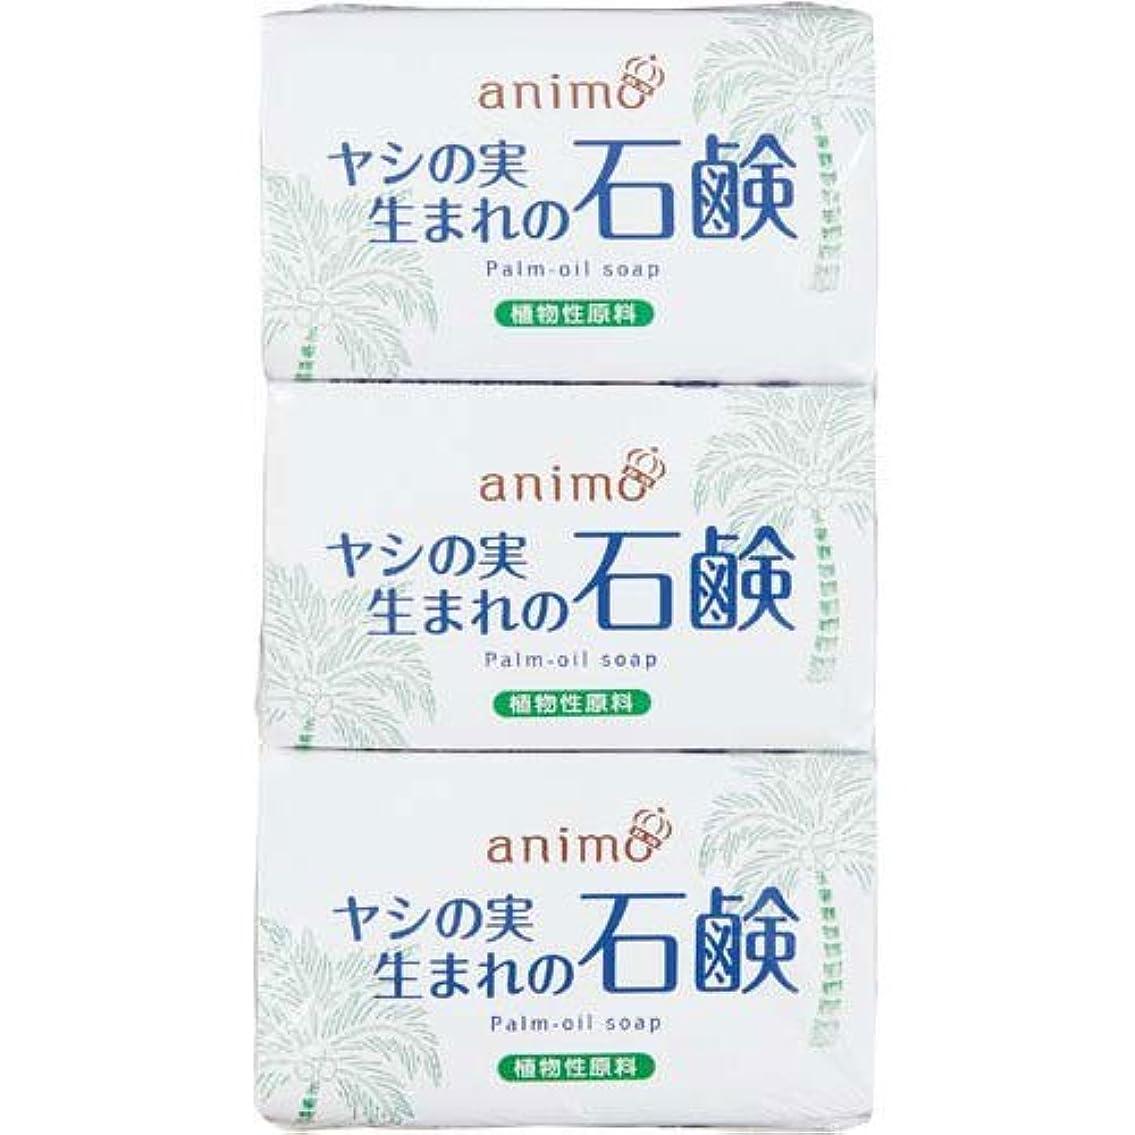 宣言する鎮痛剤批判的にロケット石鹸 ヤシの実石鹸 80g×3個×5パック